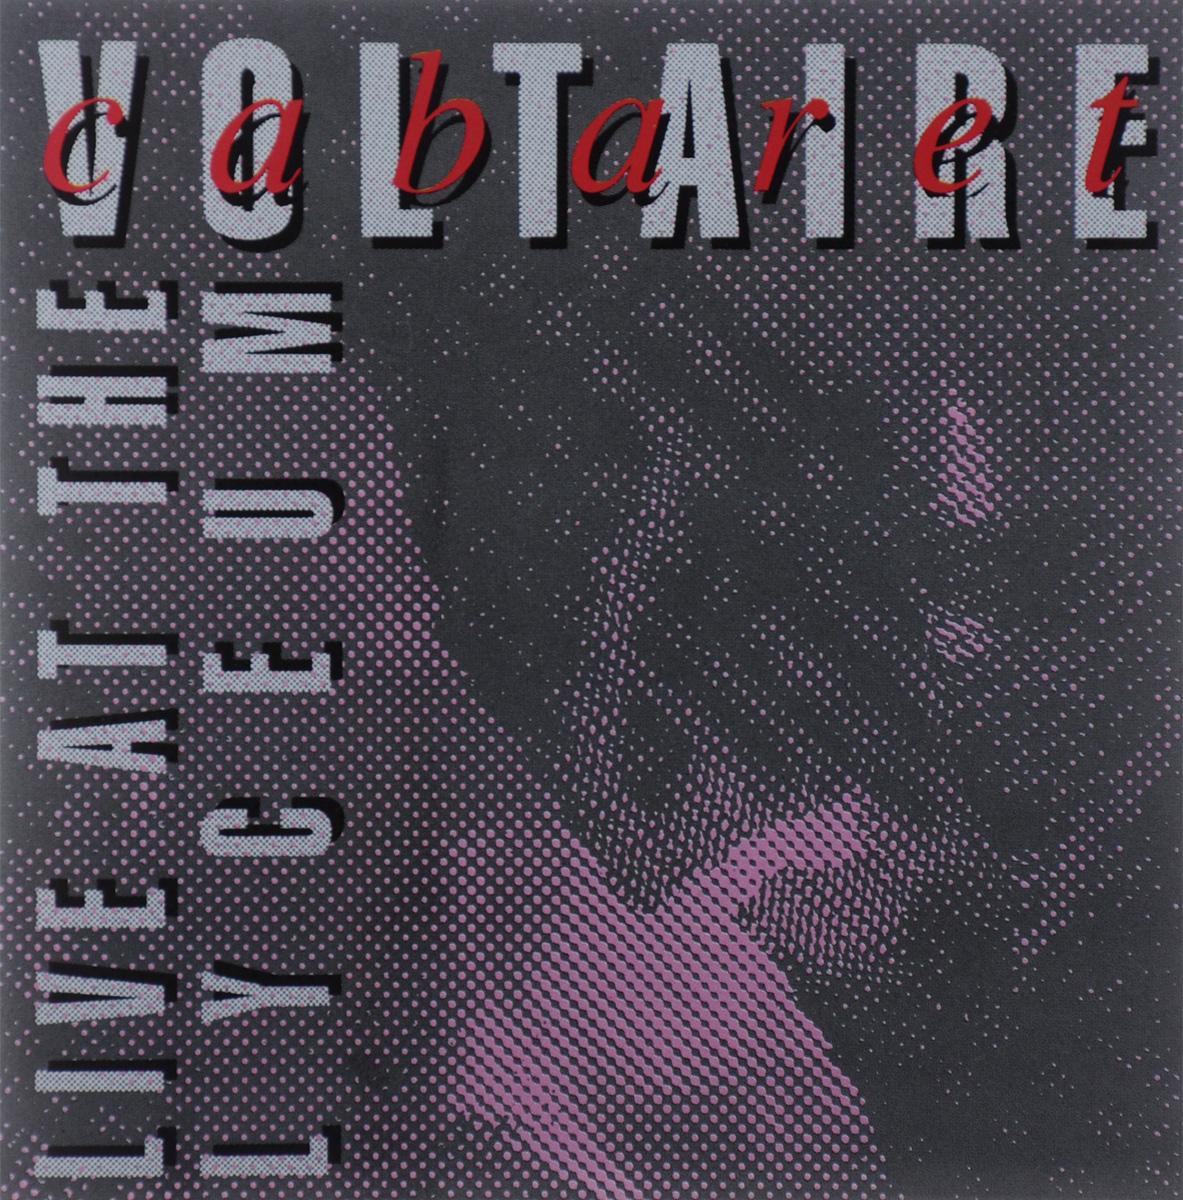 Cabaret Voltaire Cabaret Voltaire Live At The Liceum